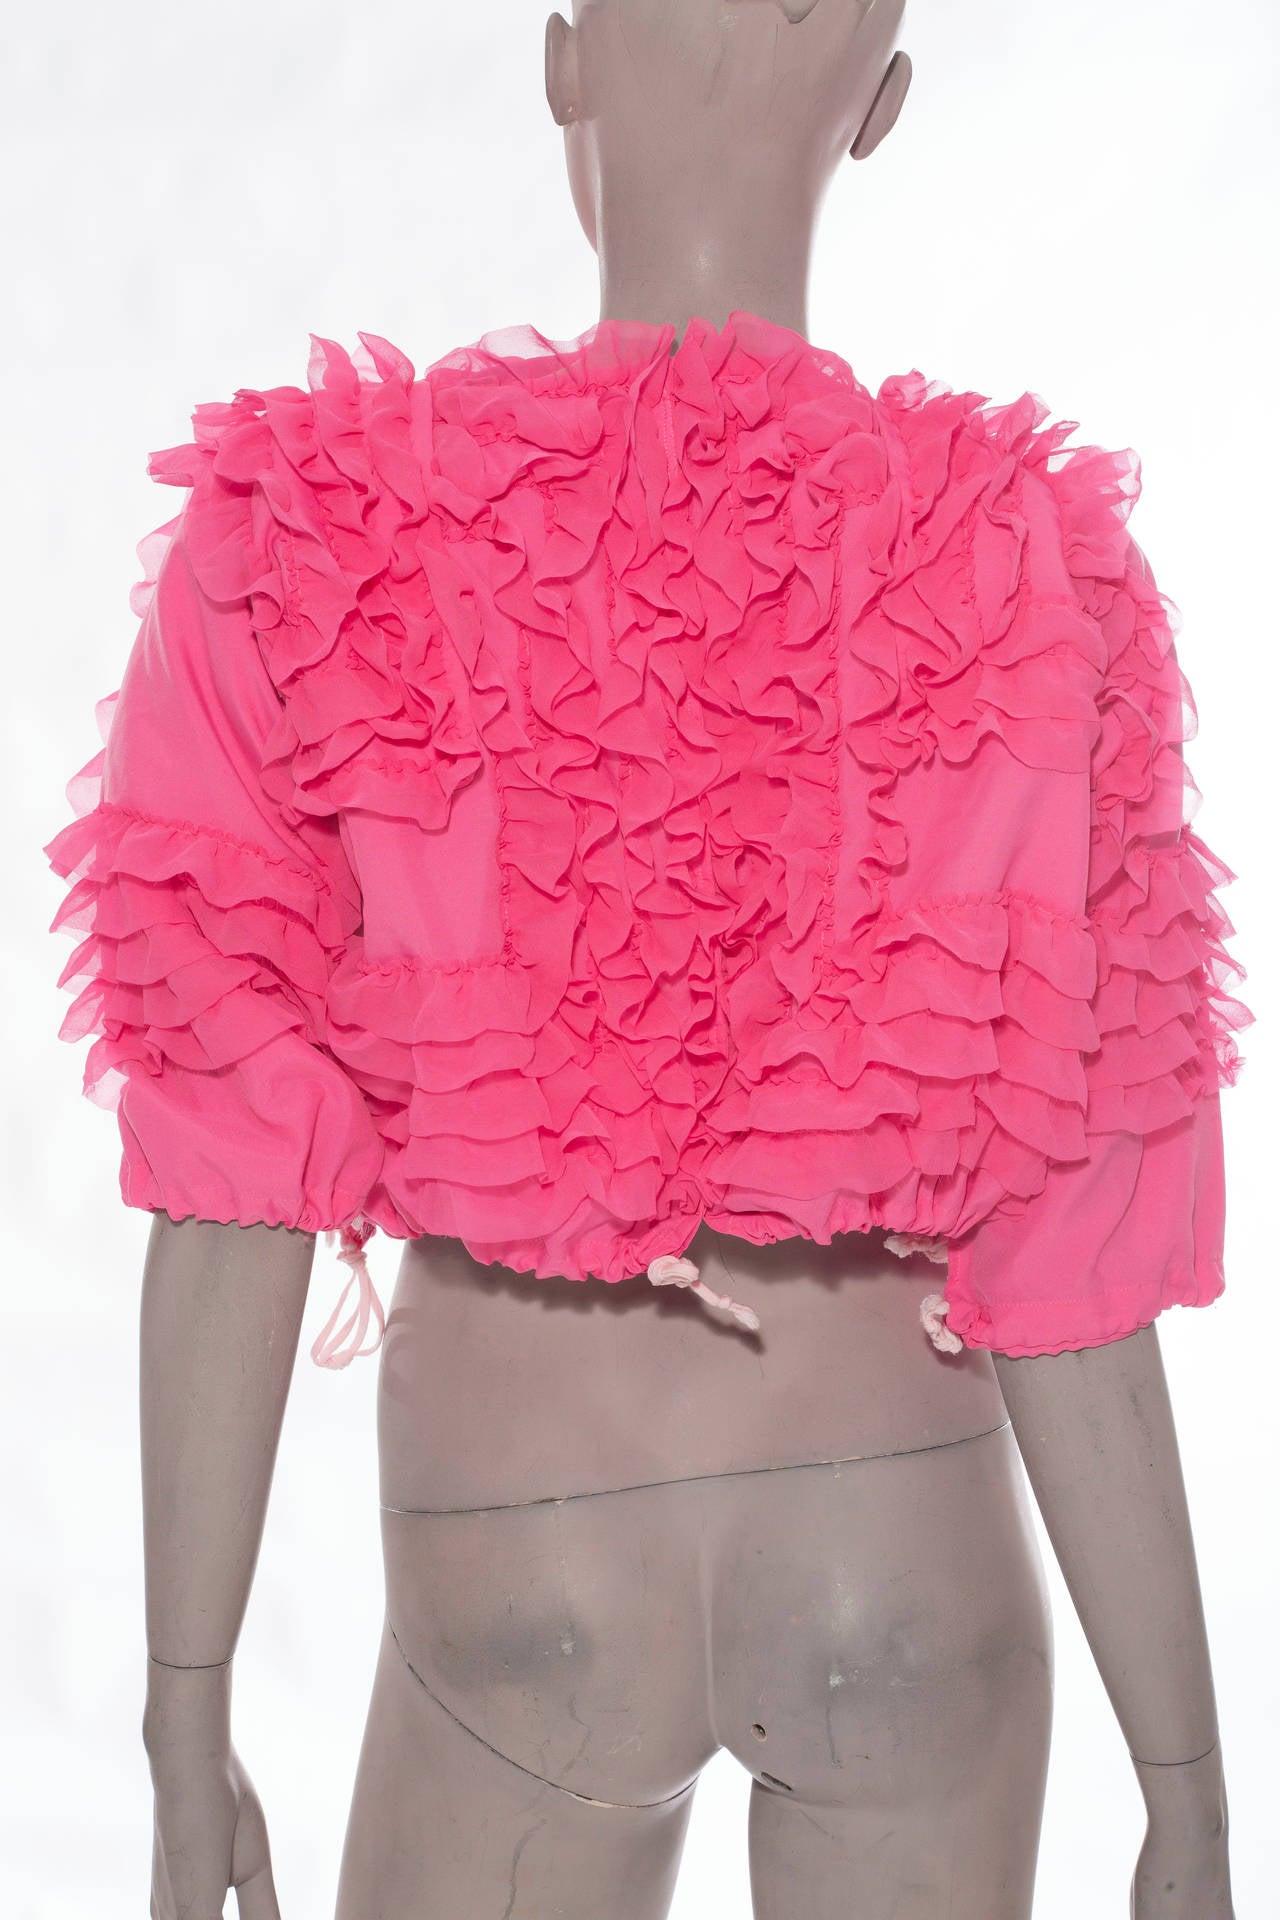 Comme des Garcons Pink Bolero, Circa 2007 4